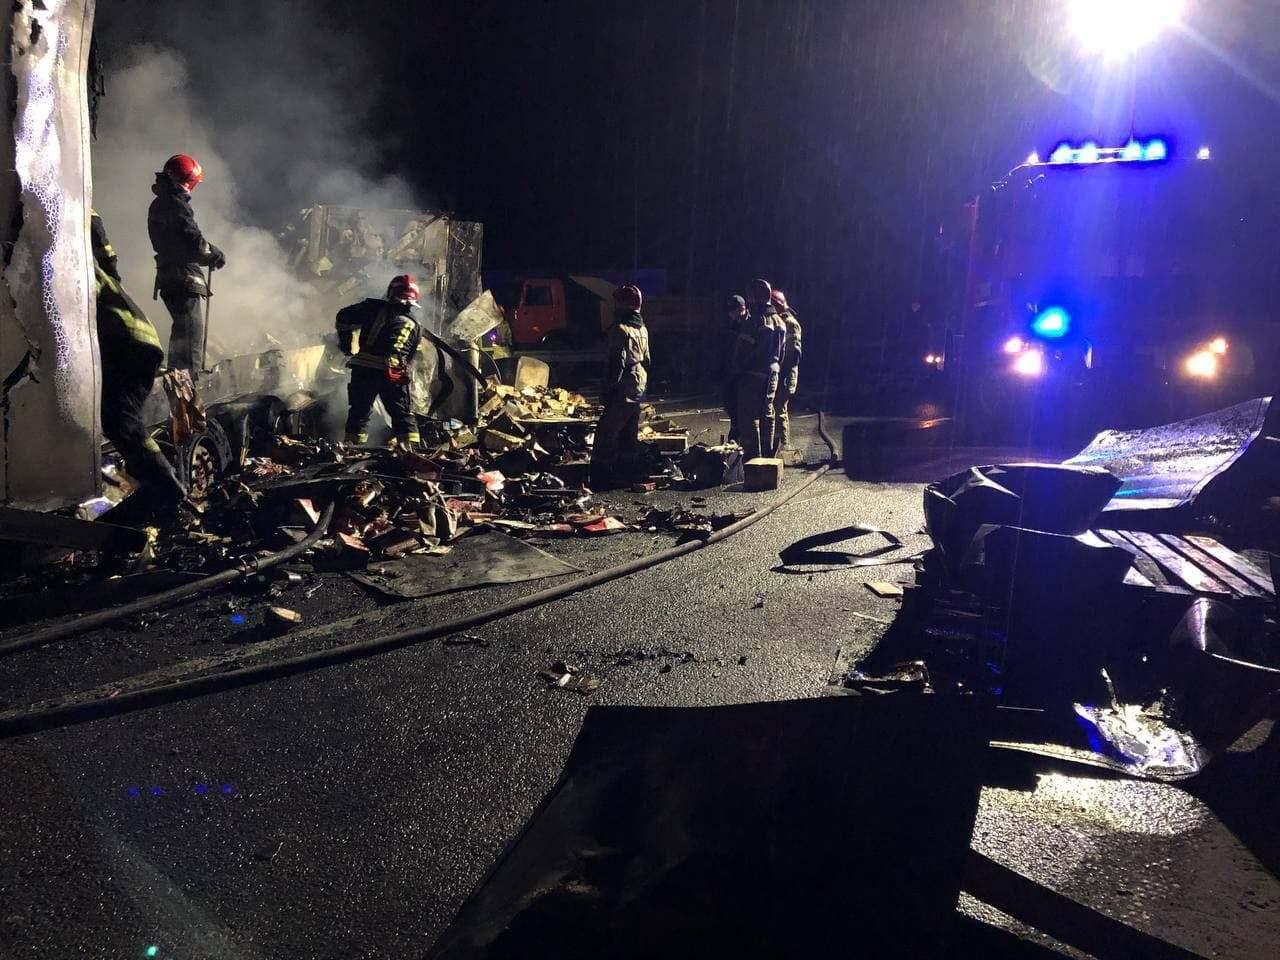 Причины аварии установит полиция.